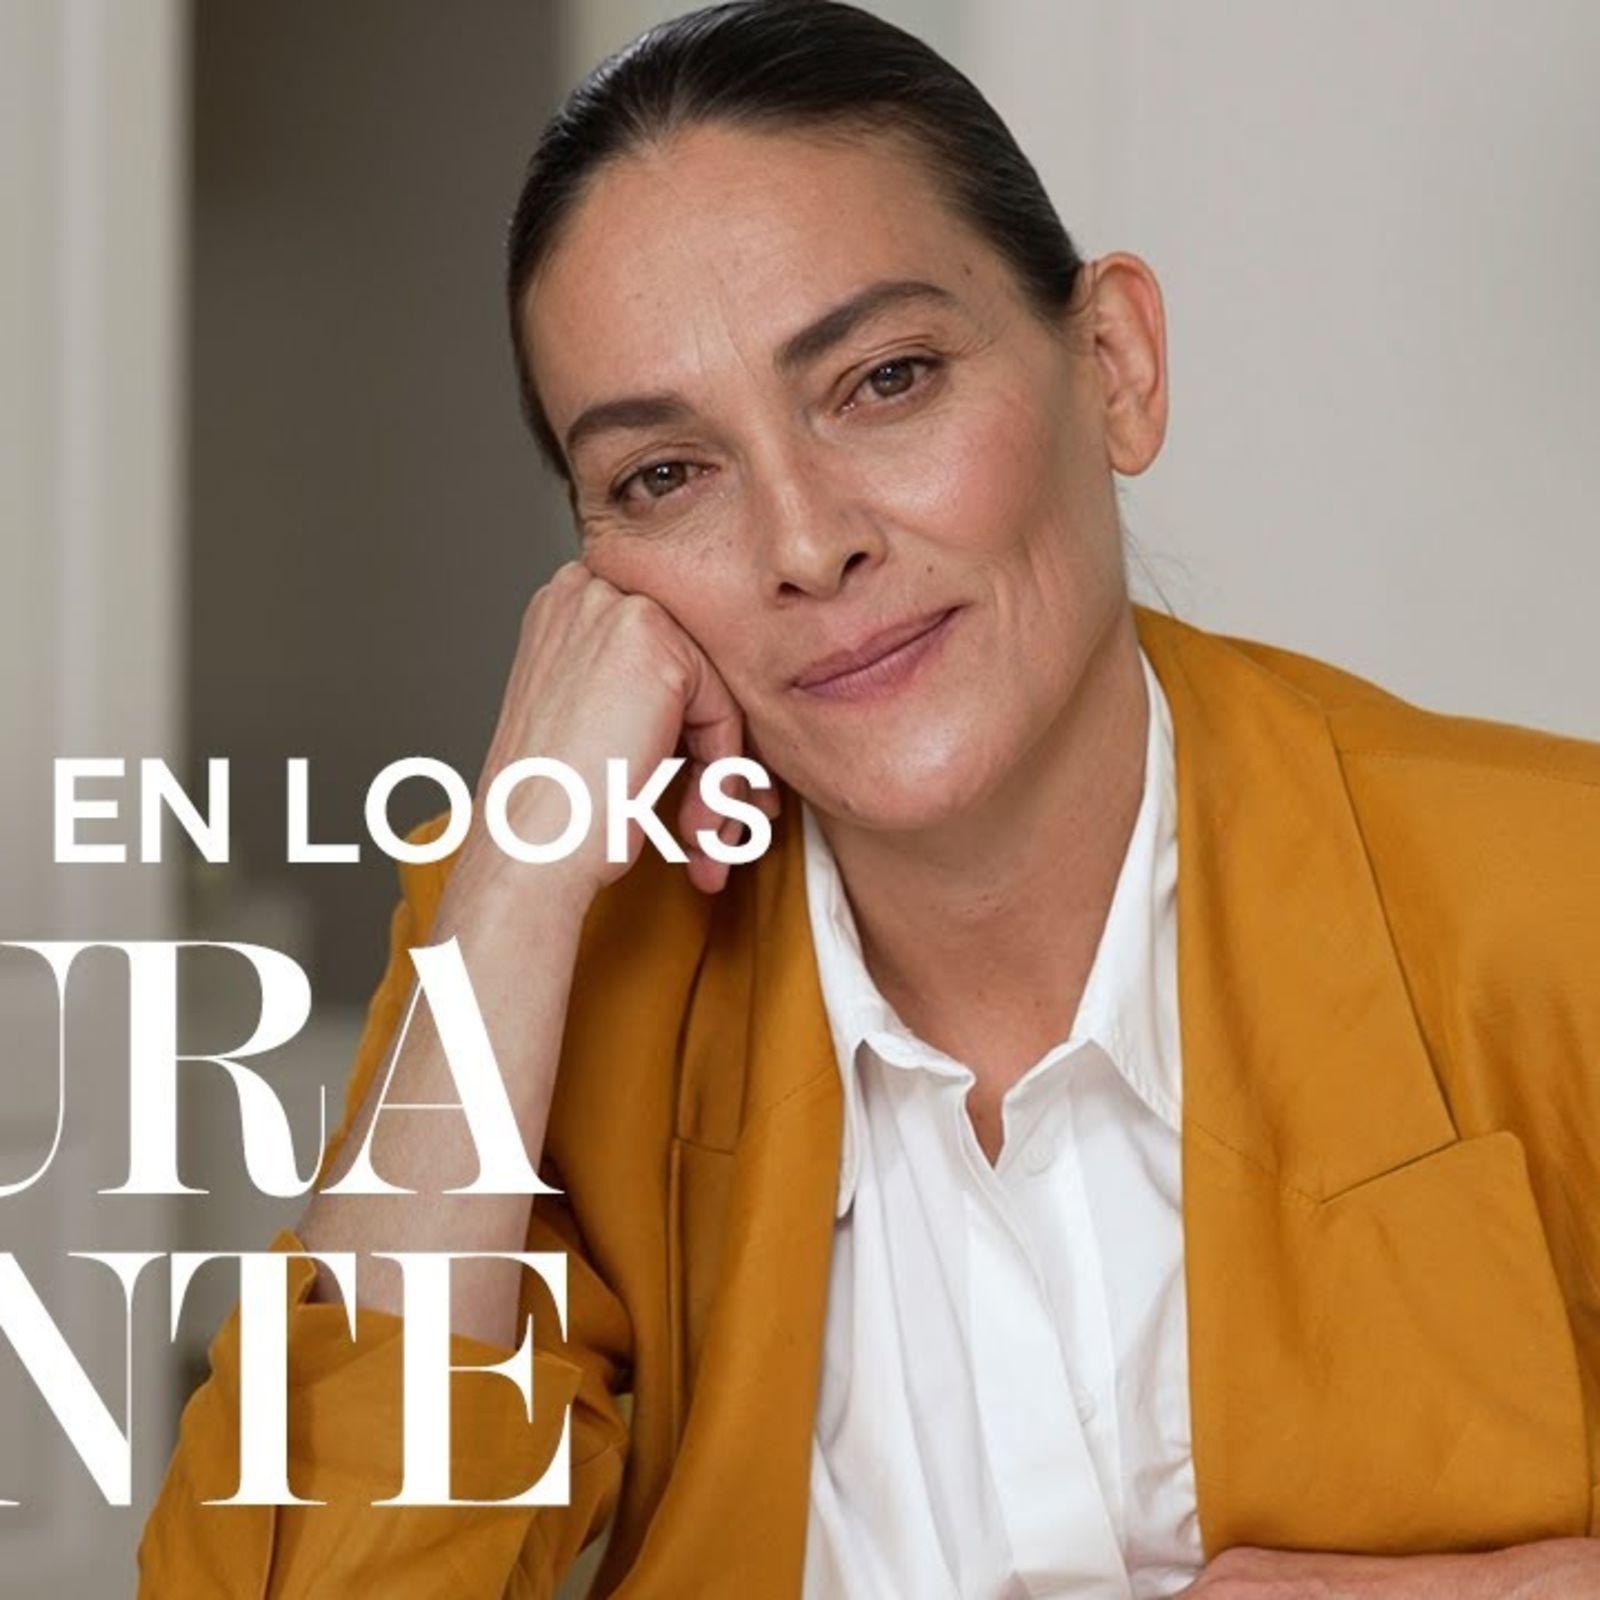 Laura Ponte: Mi vida en looks